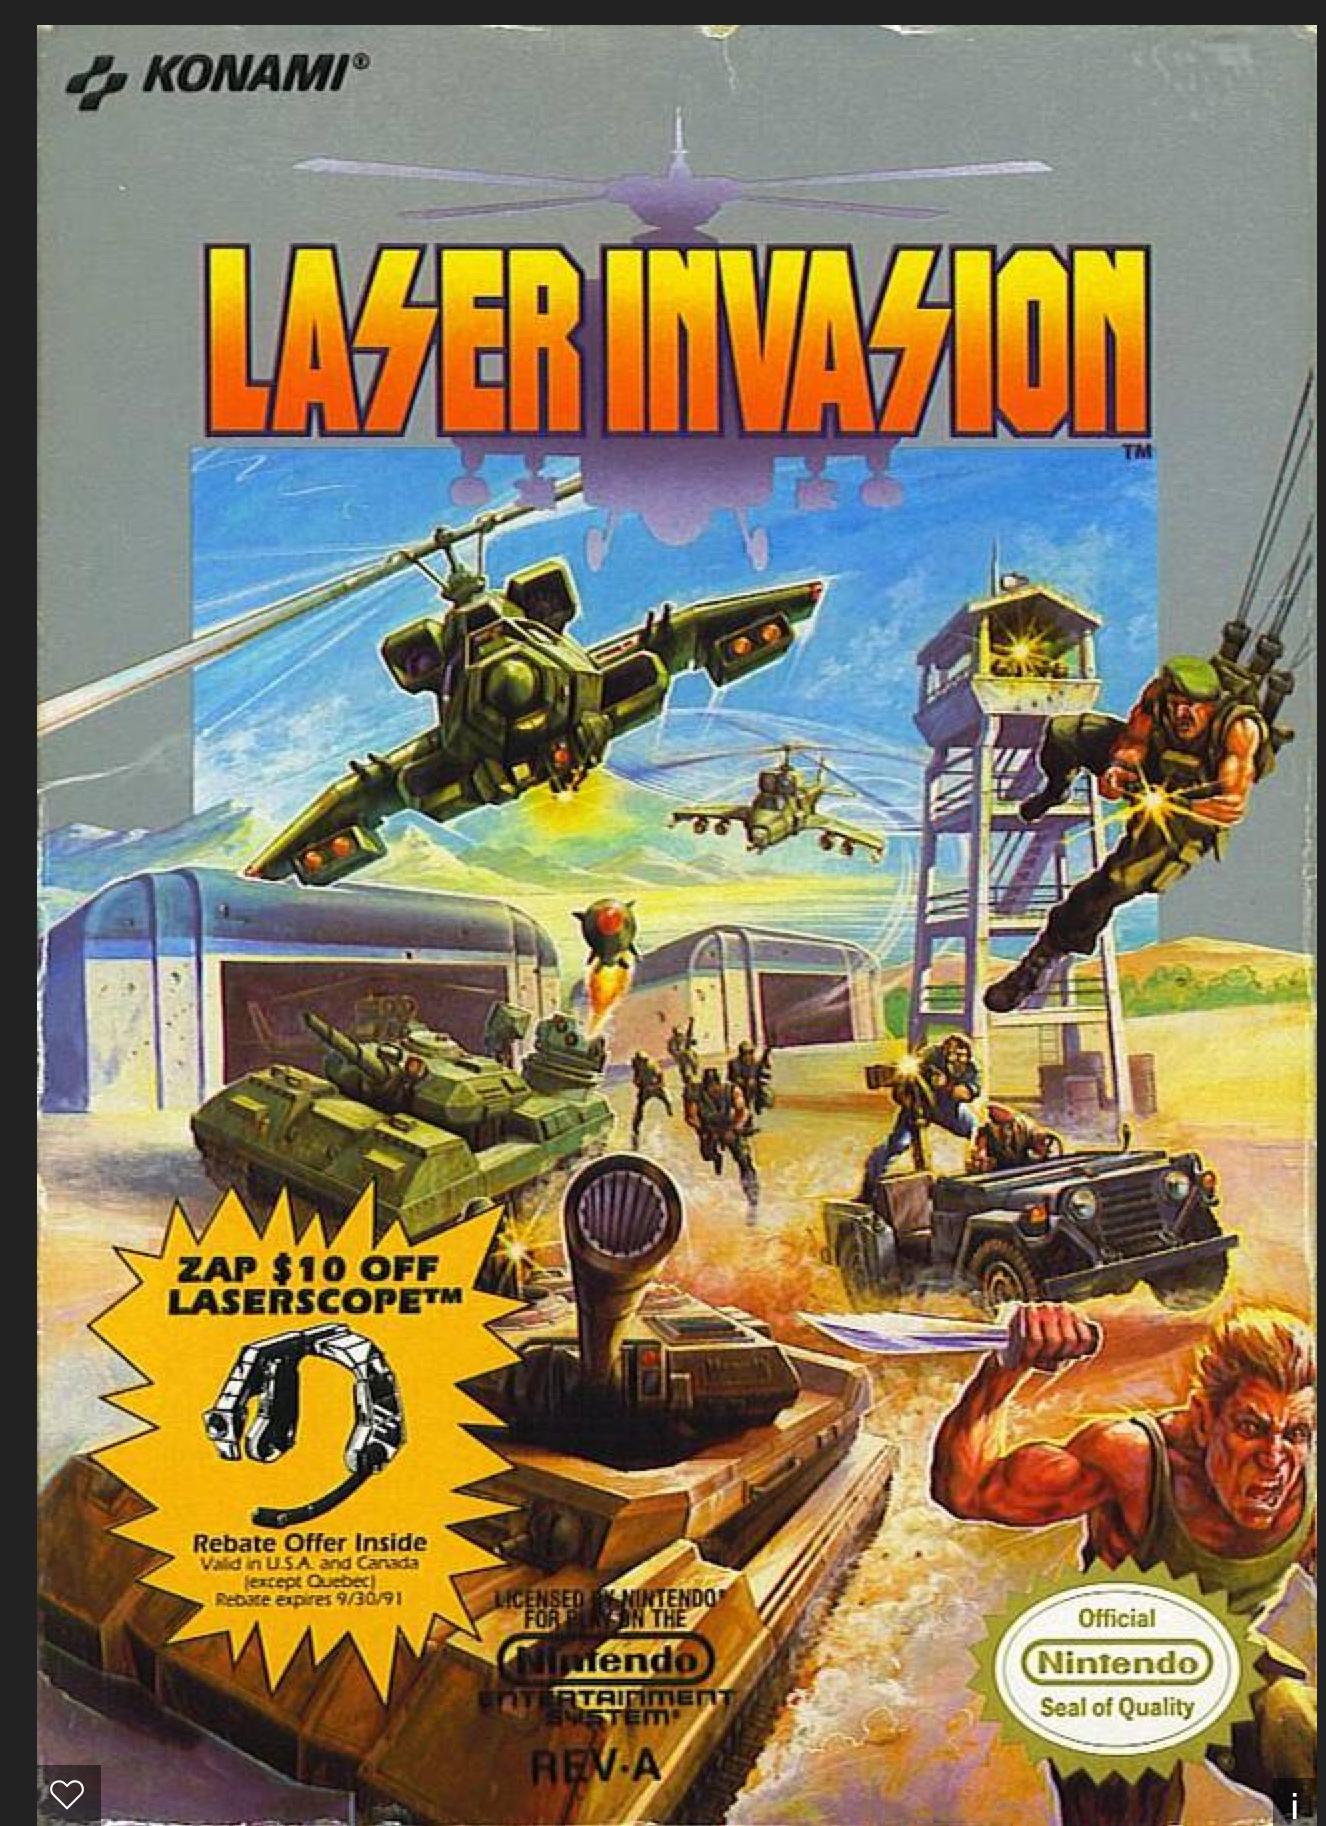 Laser Invasion copy.png